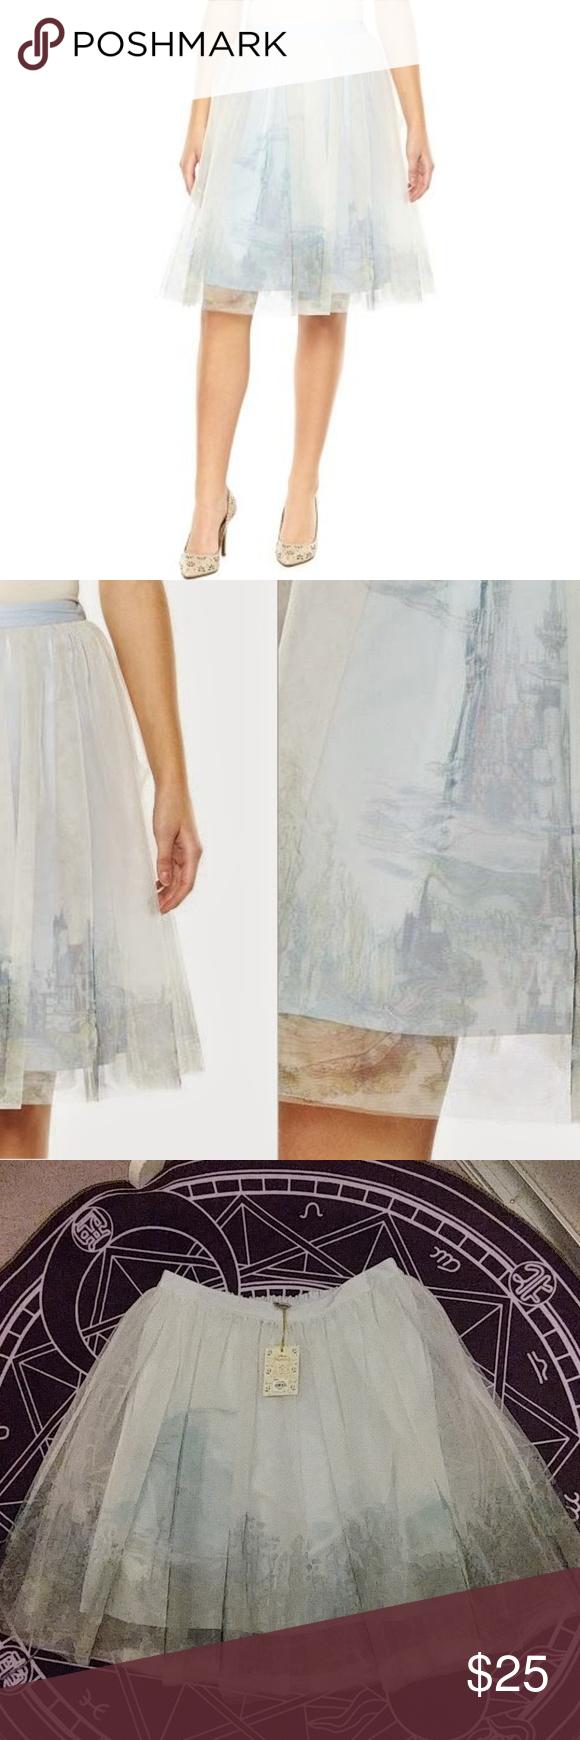 Lauren Conrad Cinderella Disney Tulle Skirt Medium   Full